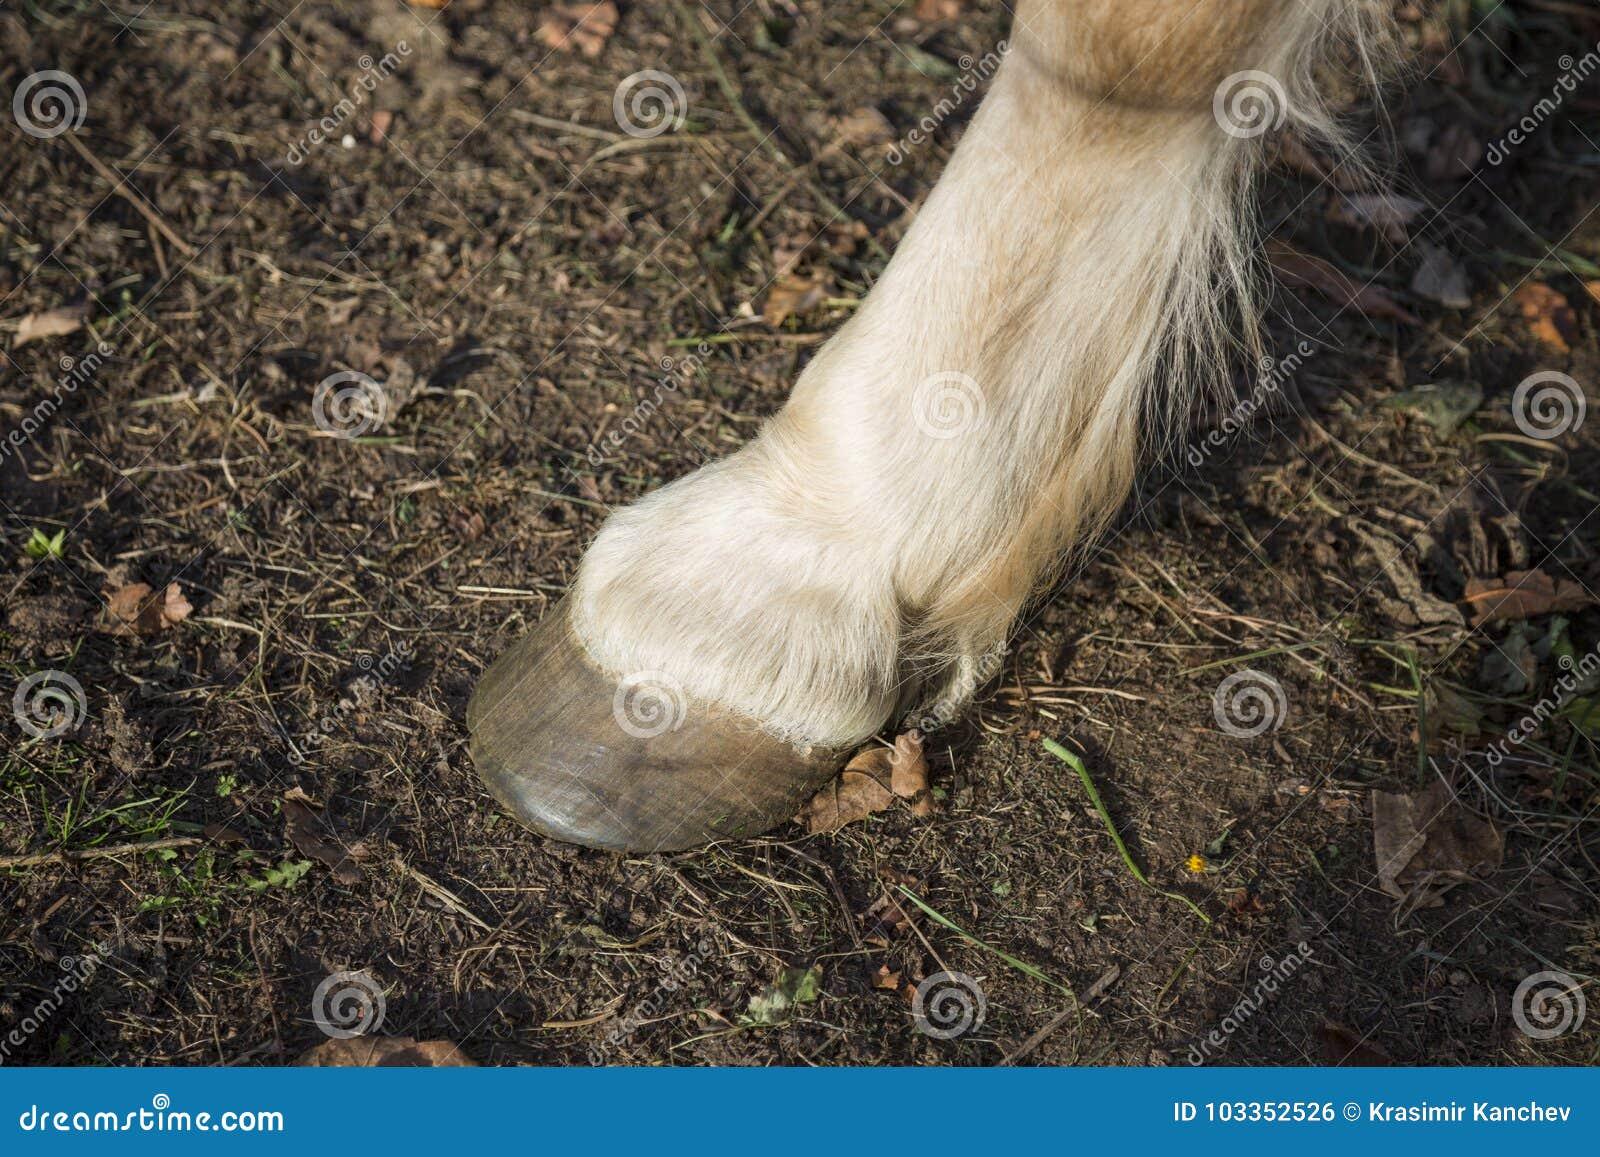 Horse hoof close up stock photo. Image of stallion, equine - 103352526